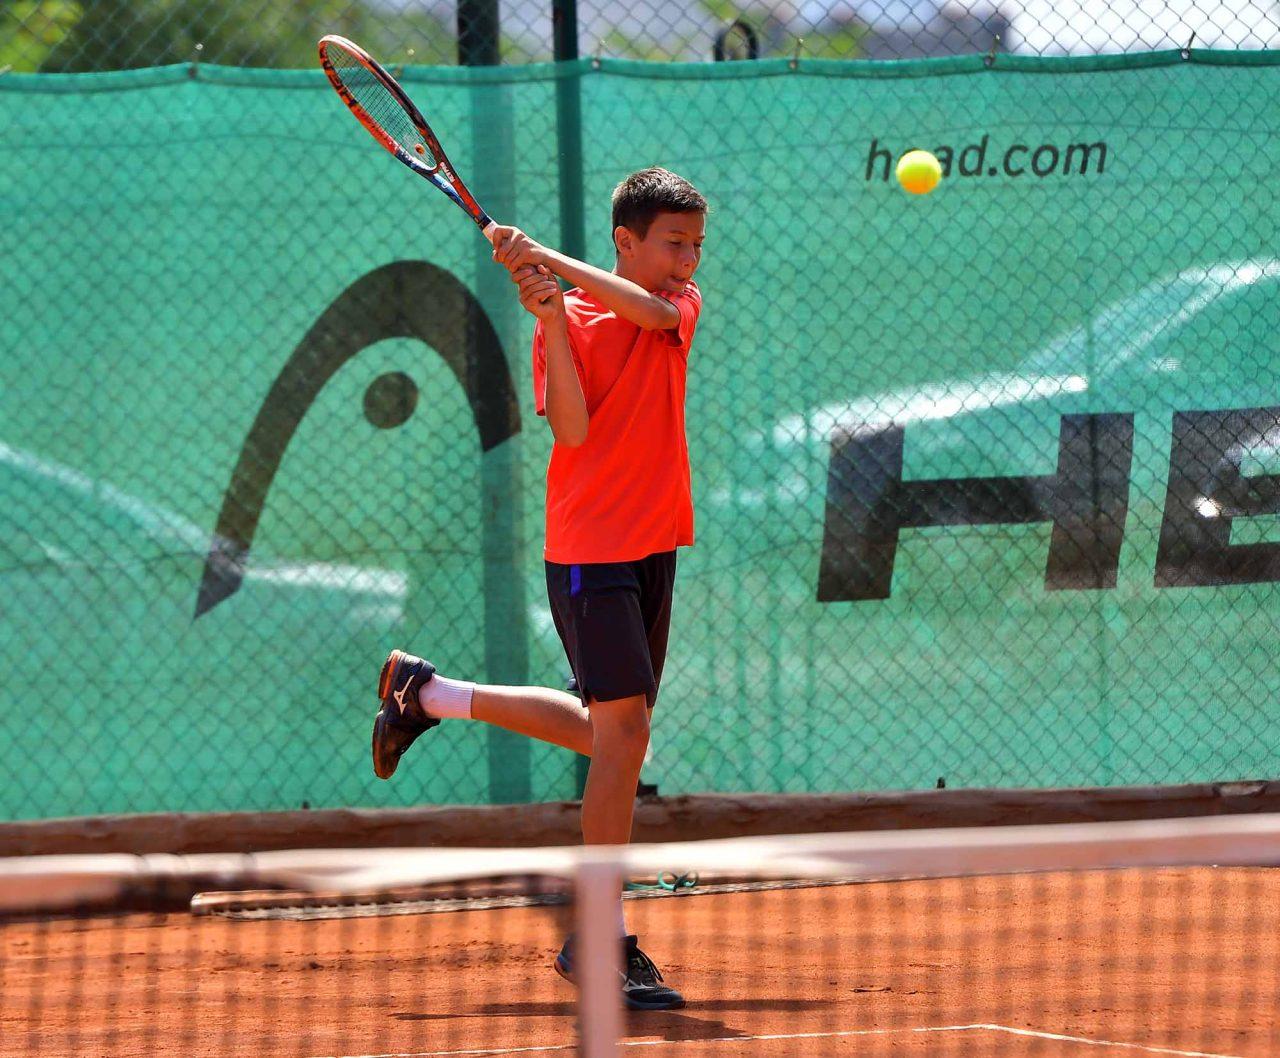 Държавно първенство тенис до 14 год. ТК 15-40 финал двойки (2)